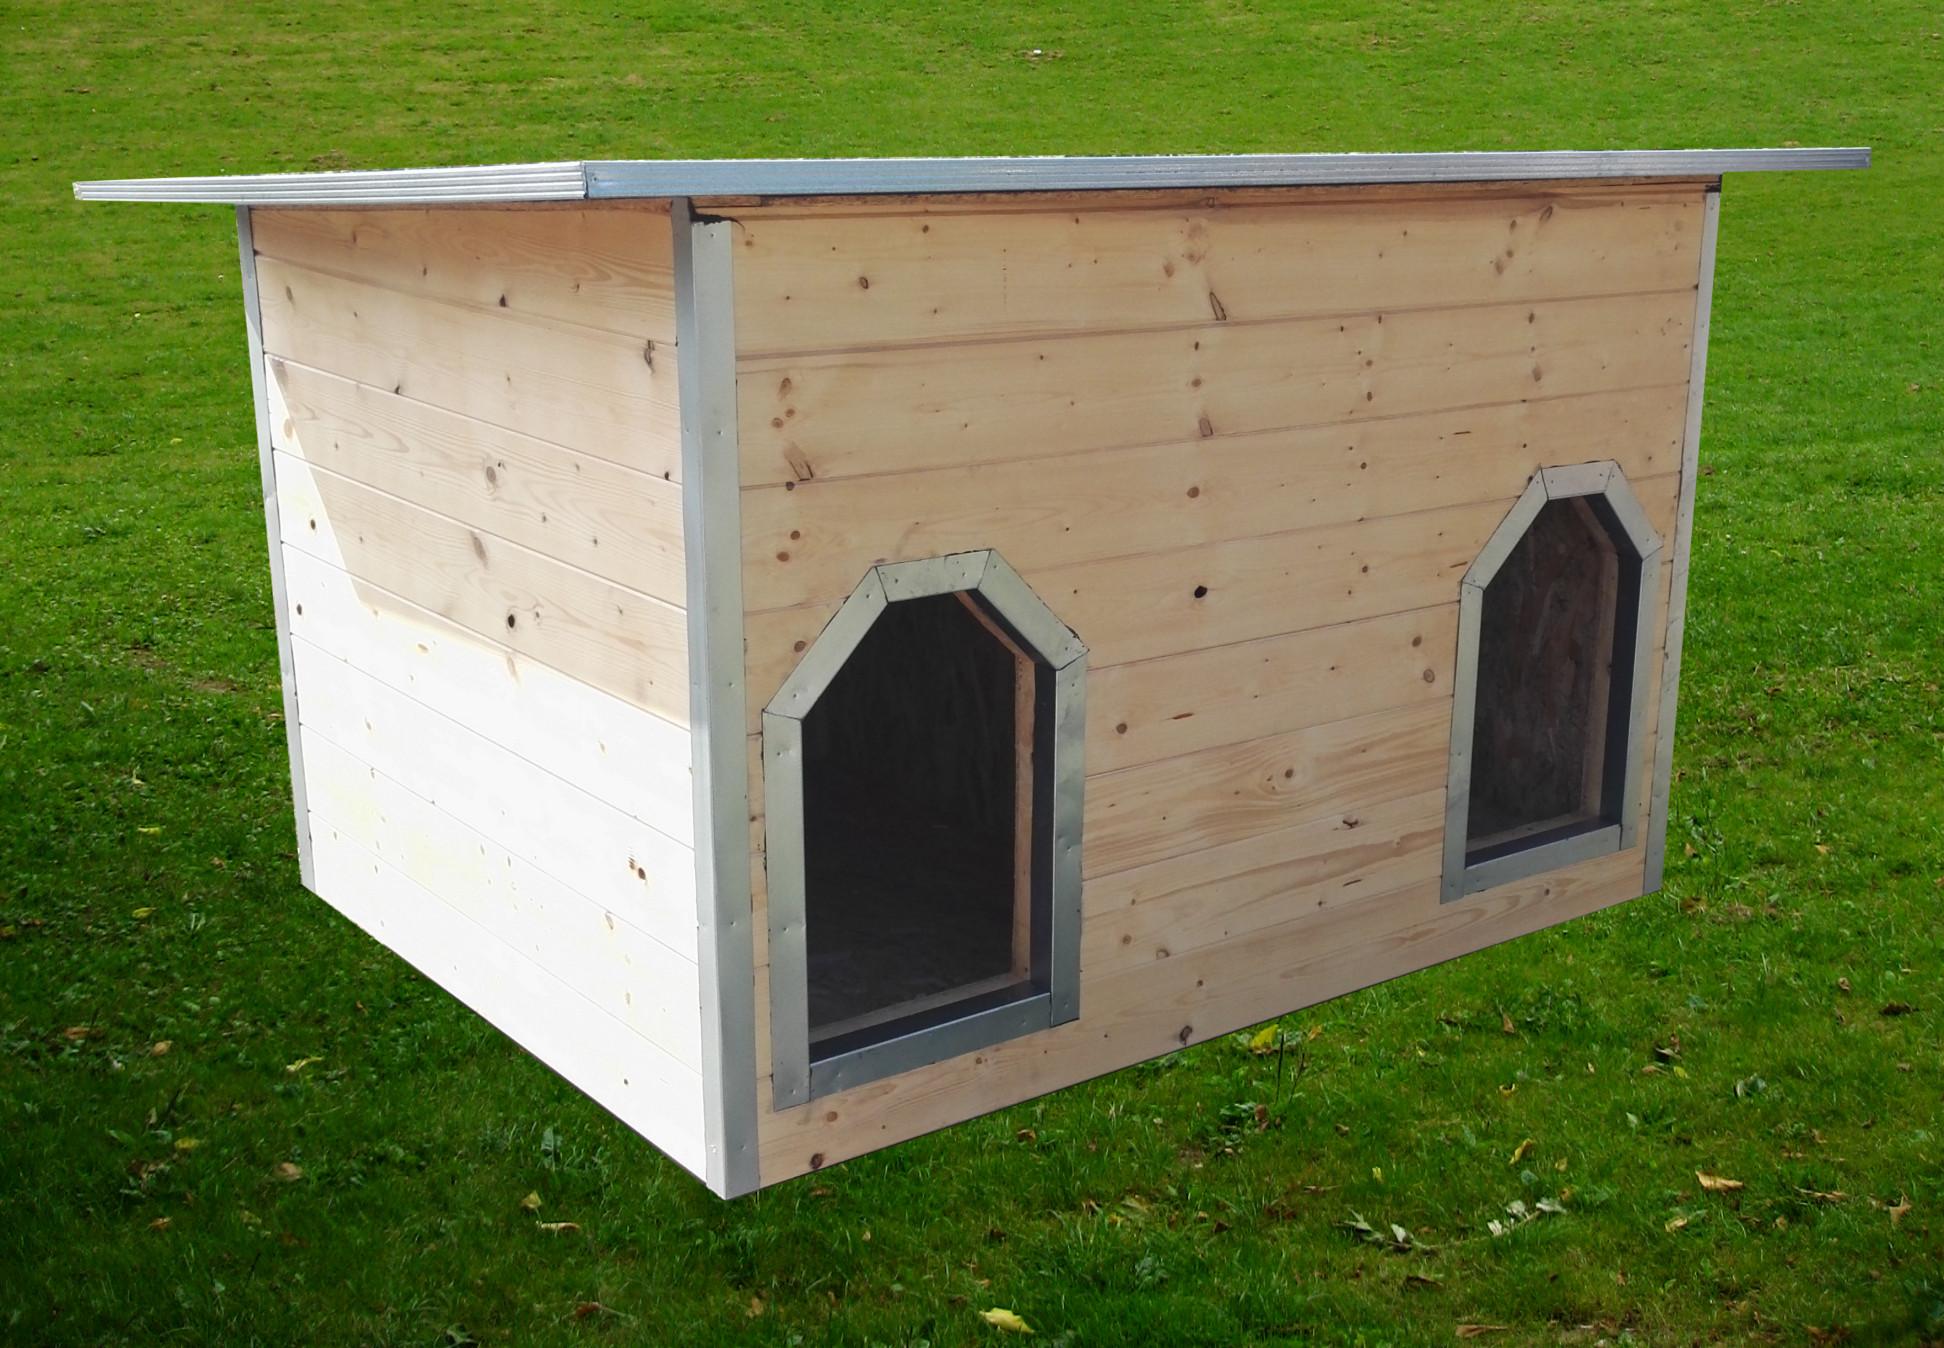 3060ebe25bae iker kutyaház, kutyahaz, kutyaház, szigetelt kutyaház, hőszigetelt kutyaház,  fűtött kutyaház,